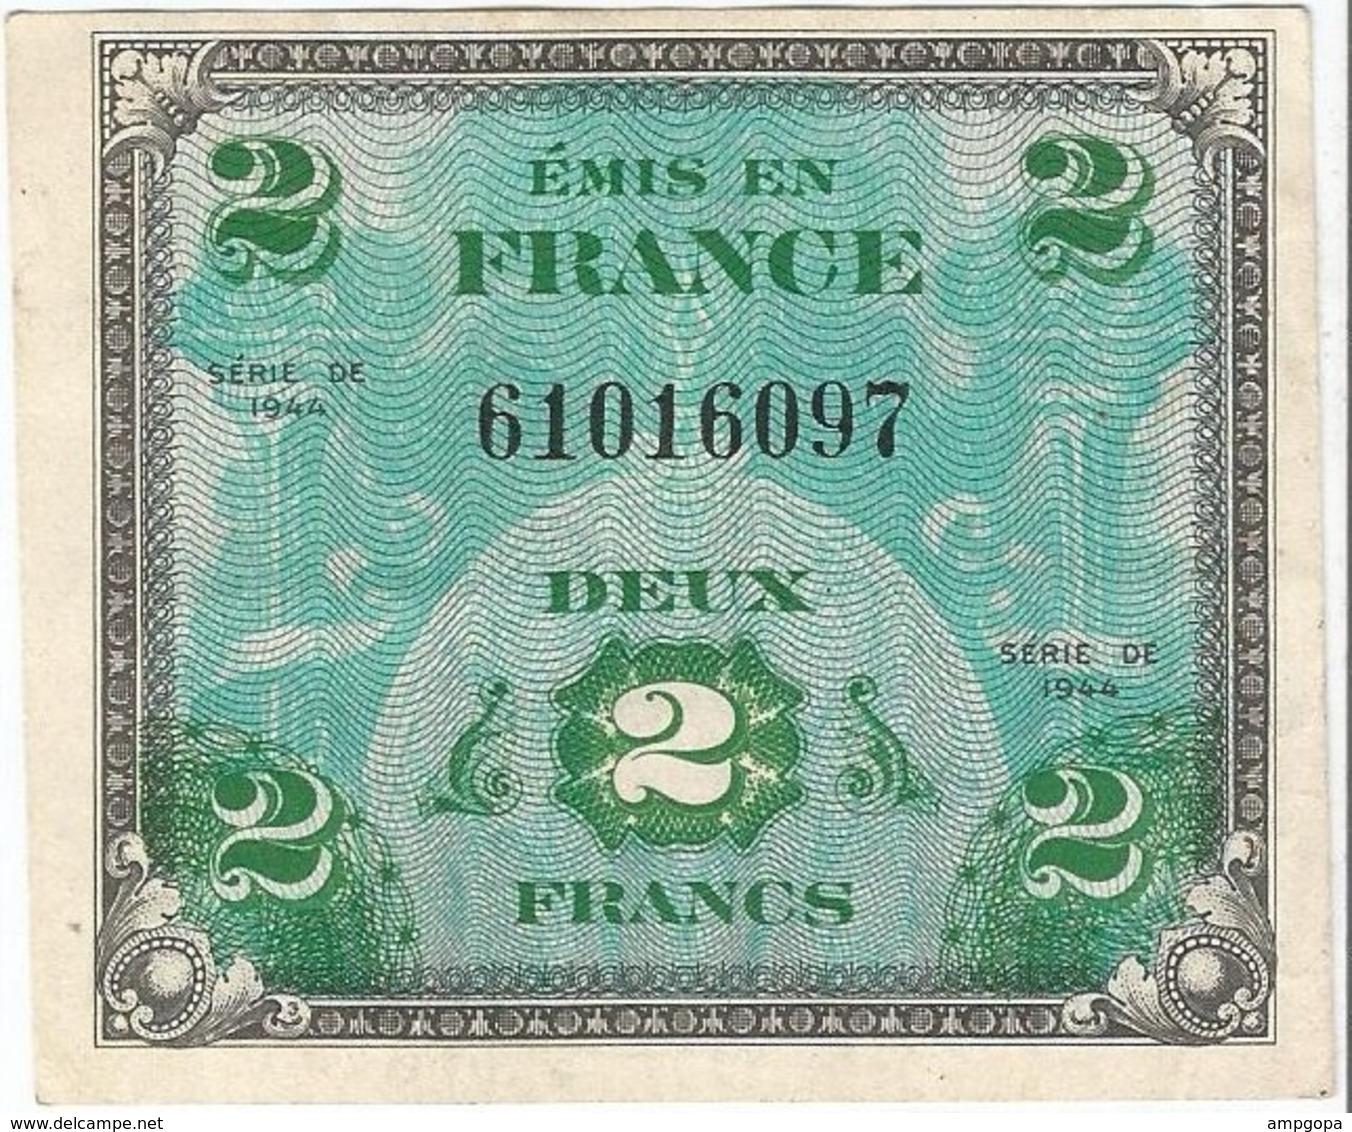 Francia 2 Francs 1944 Pk 114 A Sin Bloque Ref 3171-2 - Francia